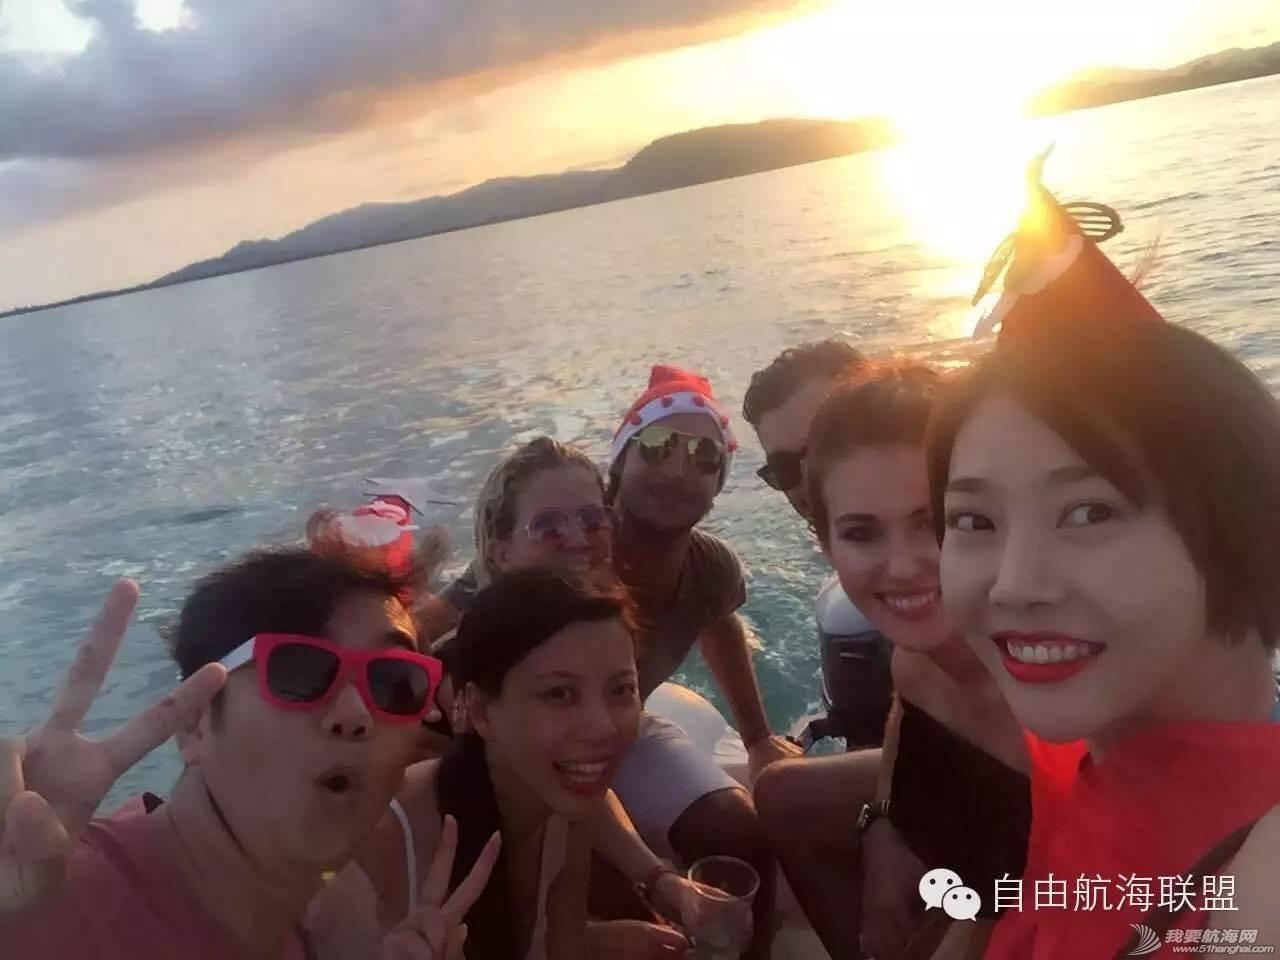 泰国 泰国安达曼海 游艇&美人鱼写真之旅 47e5a98ebc449f0fa3ff154d0b3bb711.jpg